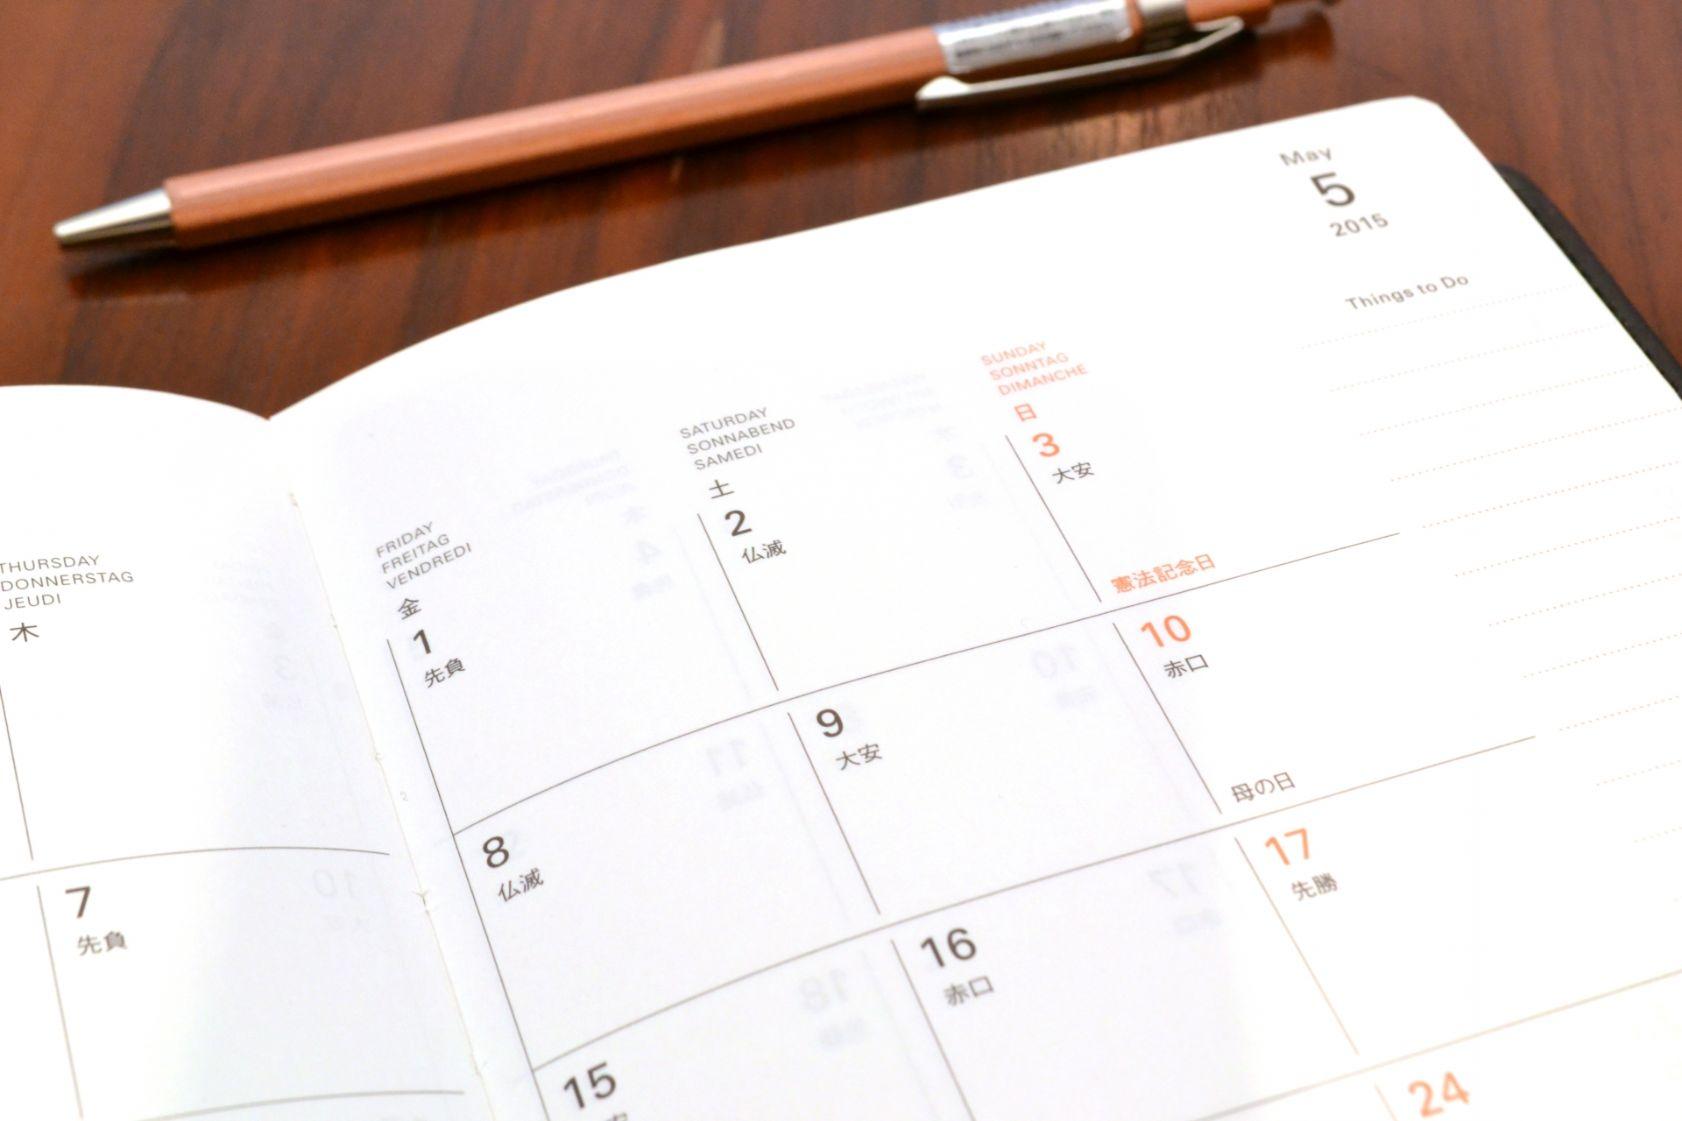 【例文あり】転職での面接日程調整のメールの書き方と返信のポイント